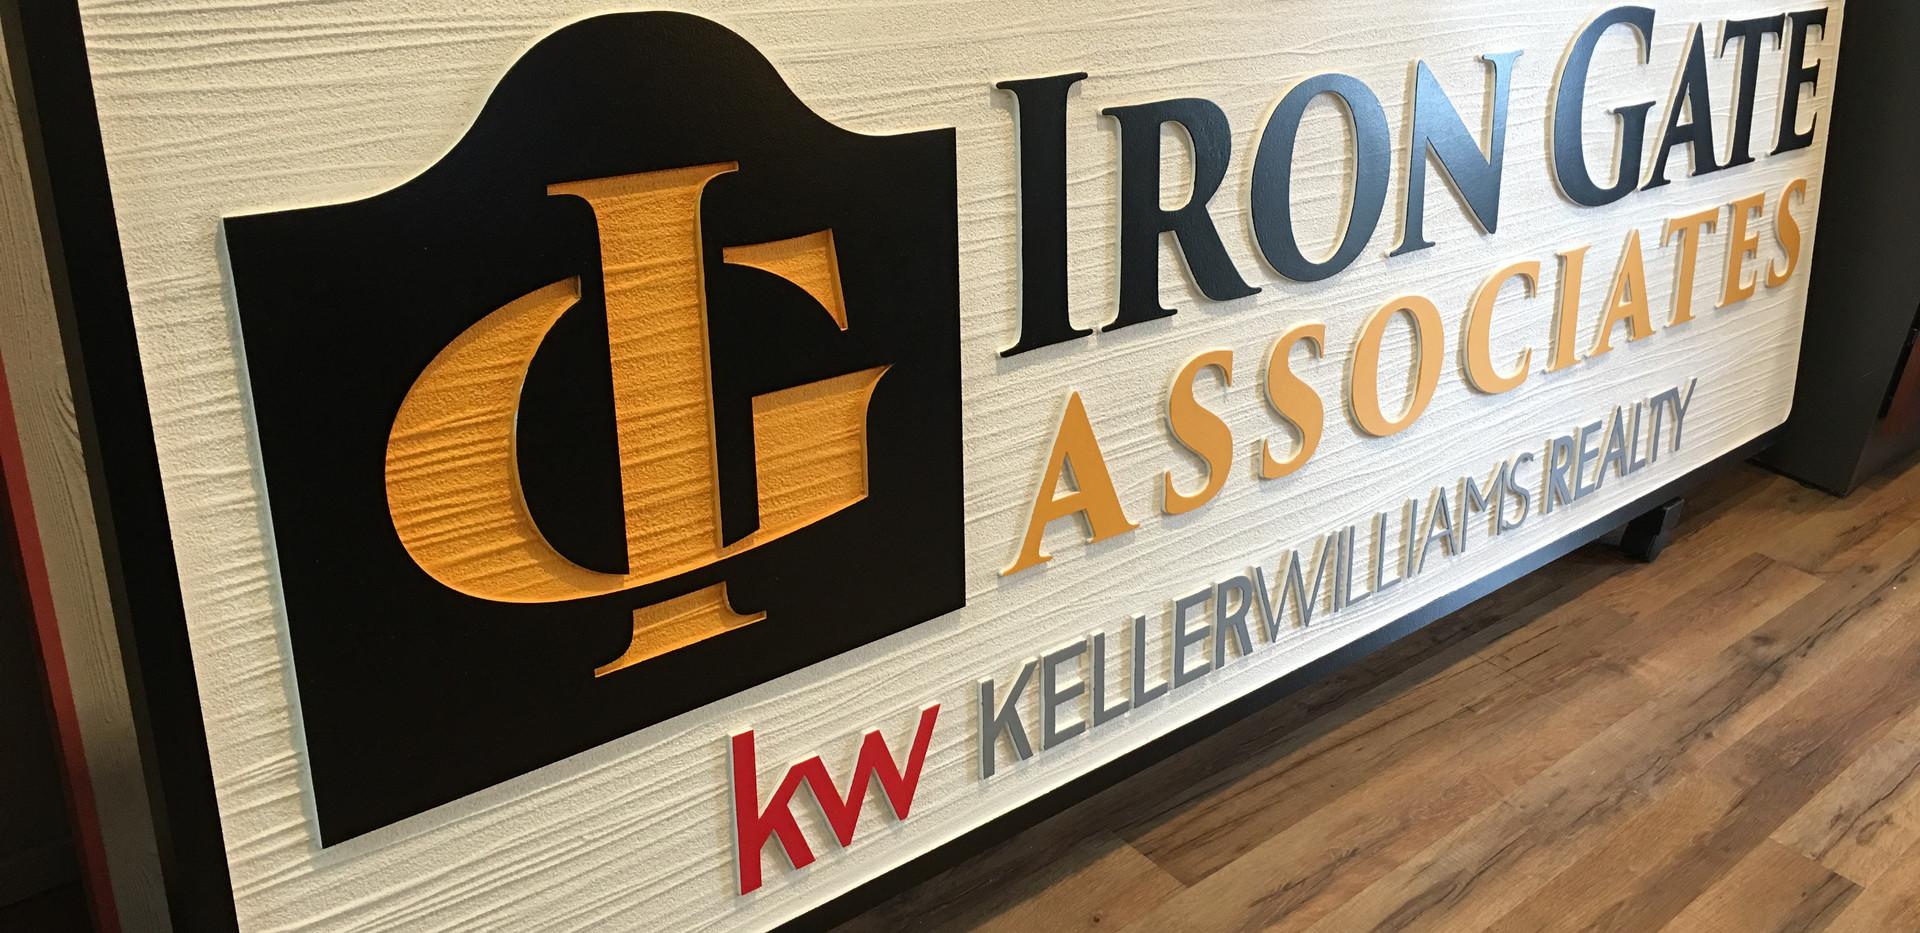 Iron Gate Associates, SC